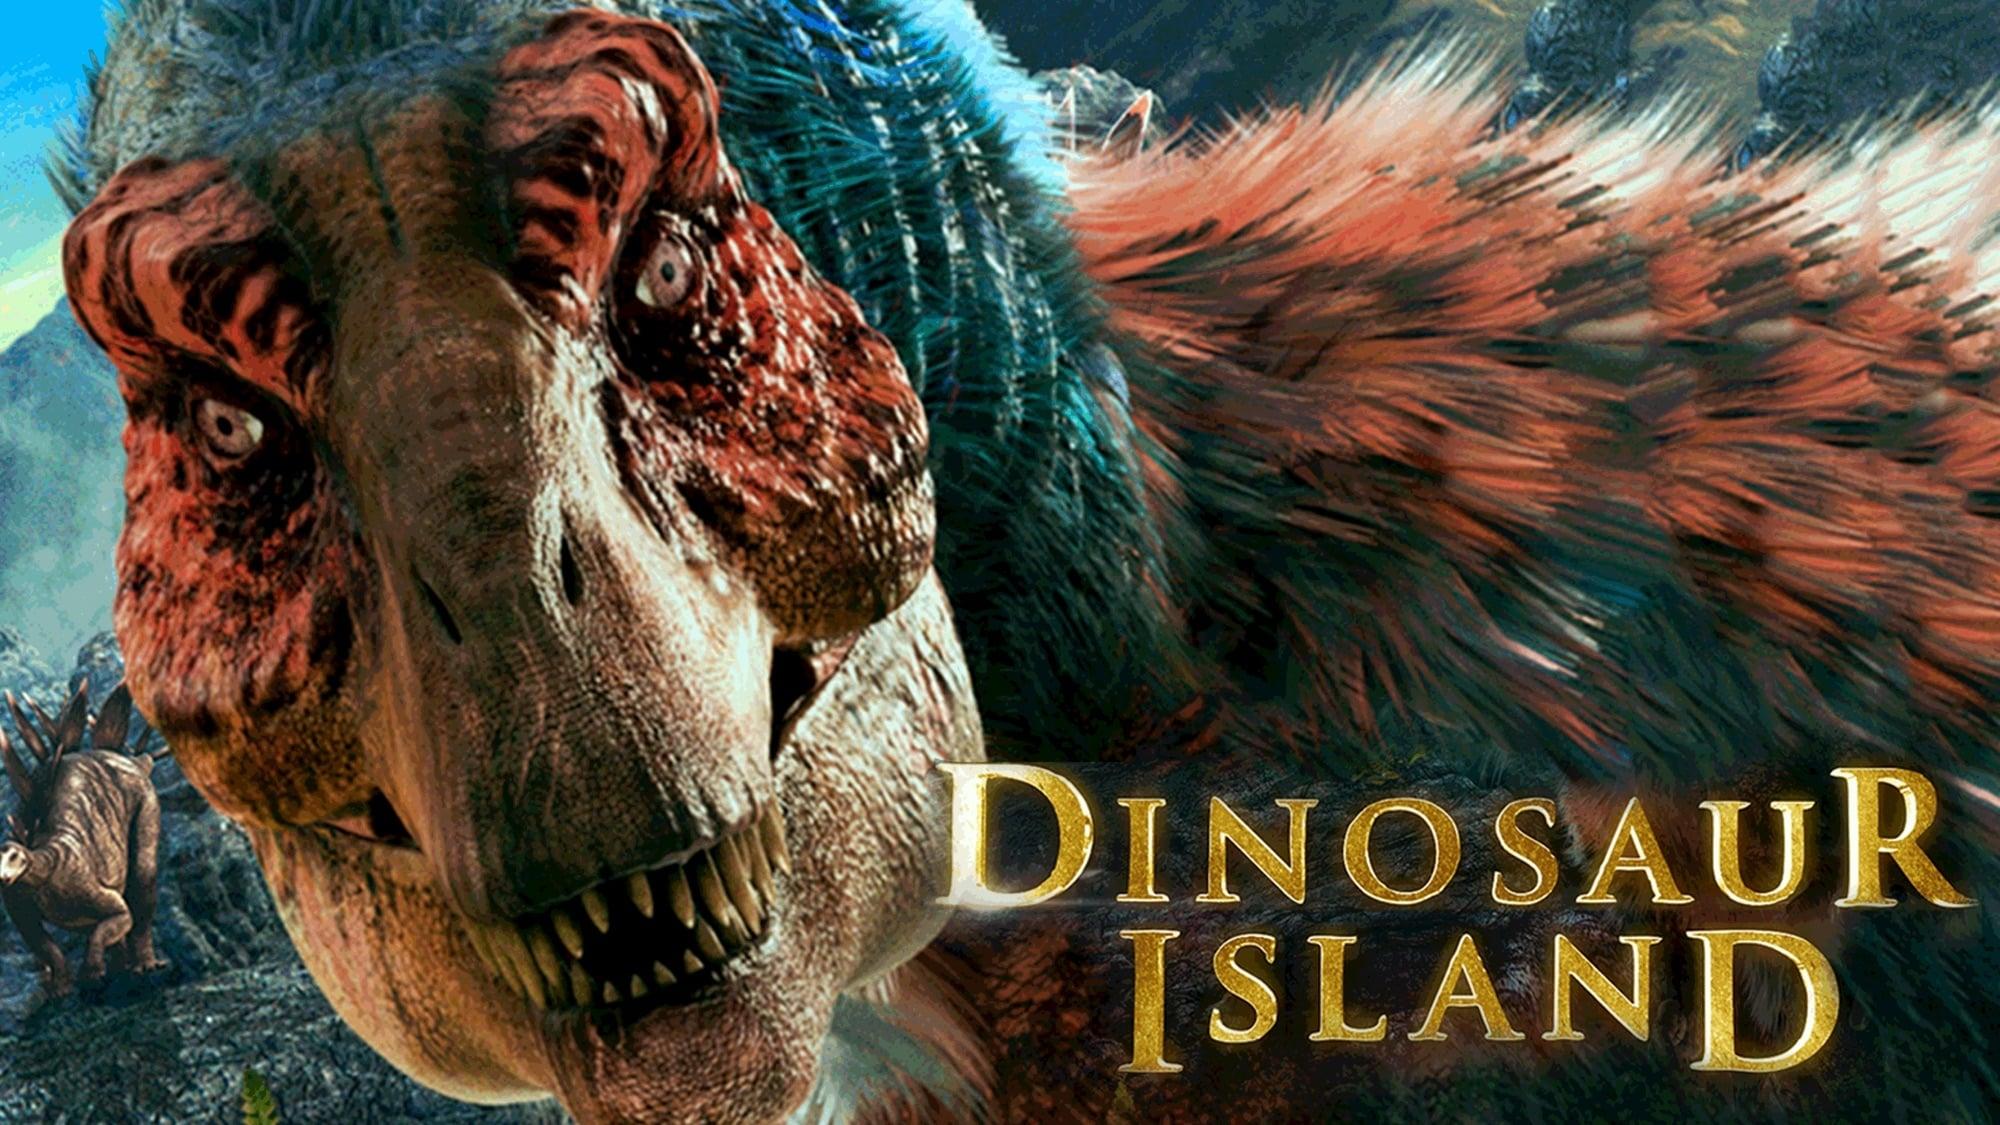 ผจญภัยเกาะไดโนเสาร์ (Dinosaur Island)